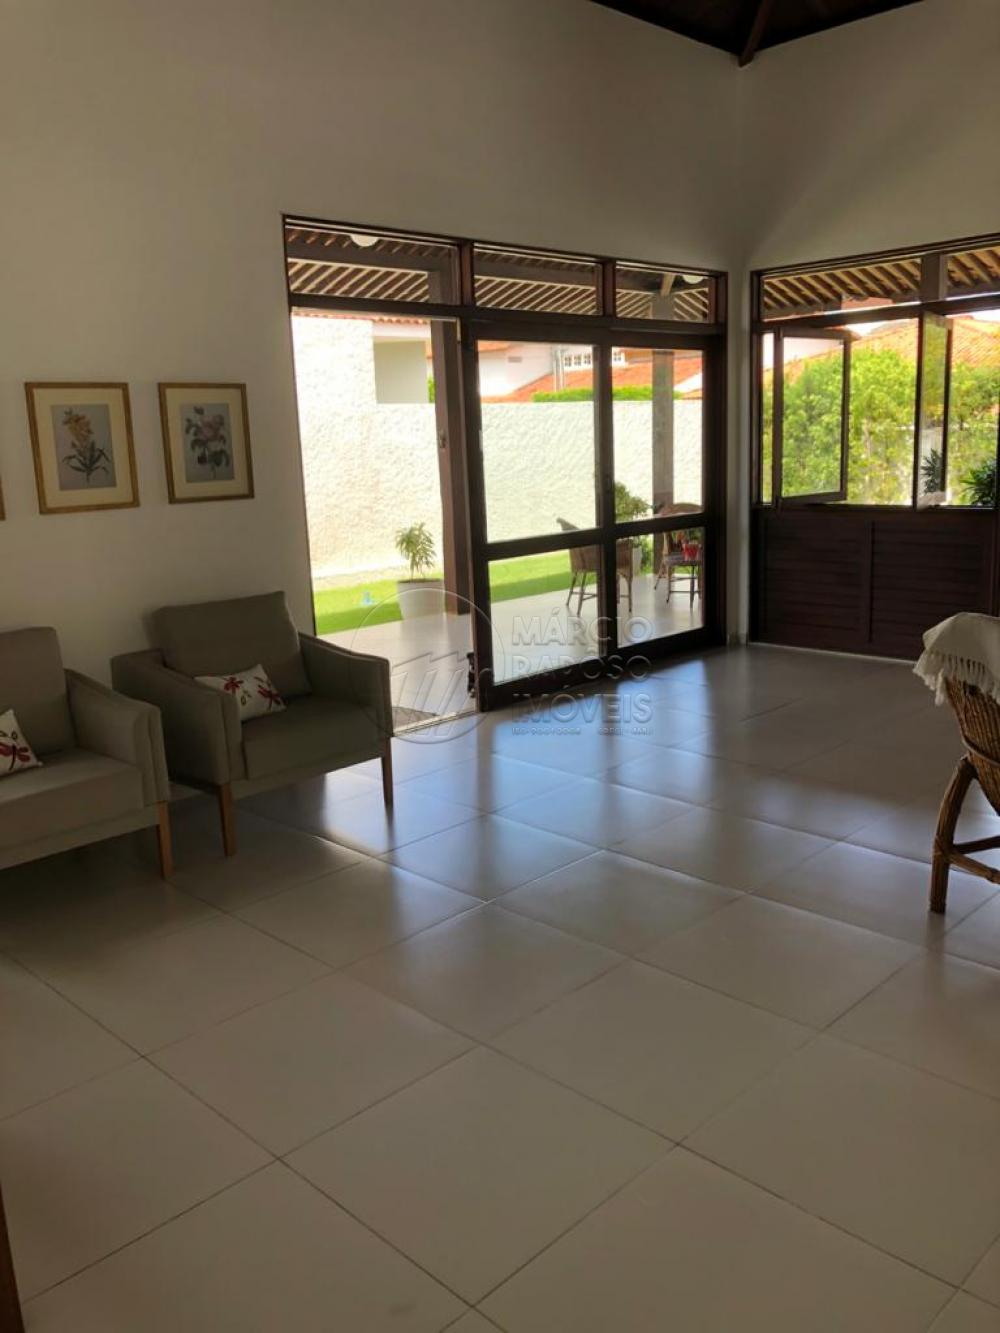 Linda casa Duplex com 4 quartos, 4 banheiros, Mezanino, cozinha ampla, gabinete, área de serviço ampla, sala de inverno. sala com 3 ambientes, 4 vagas de garagem,  terreno 15X30. área útil 330m2